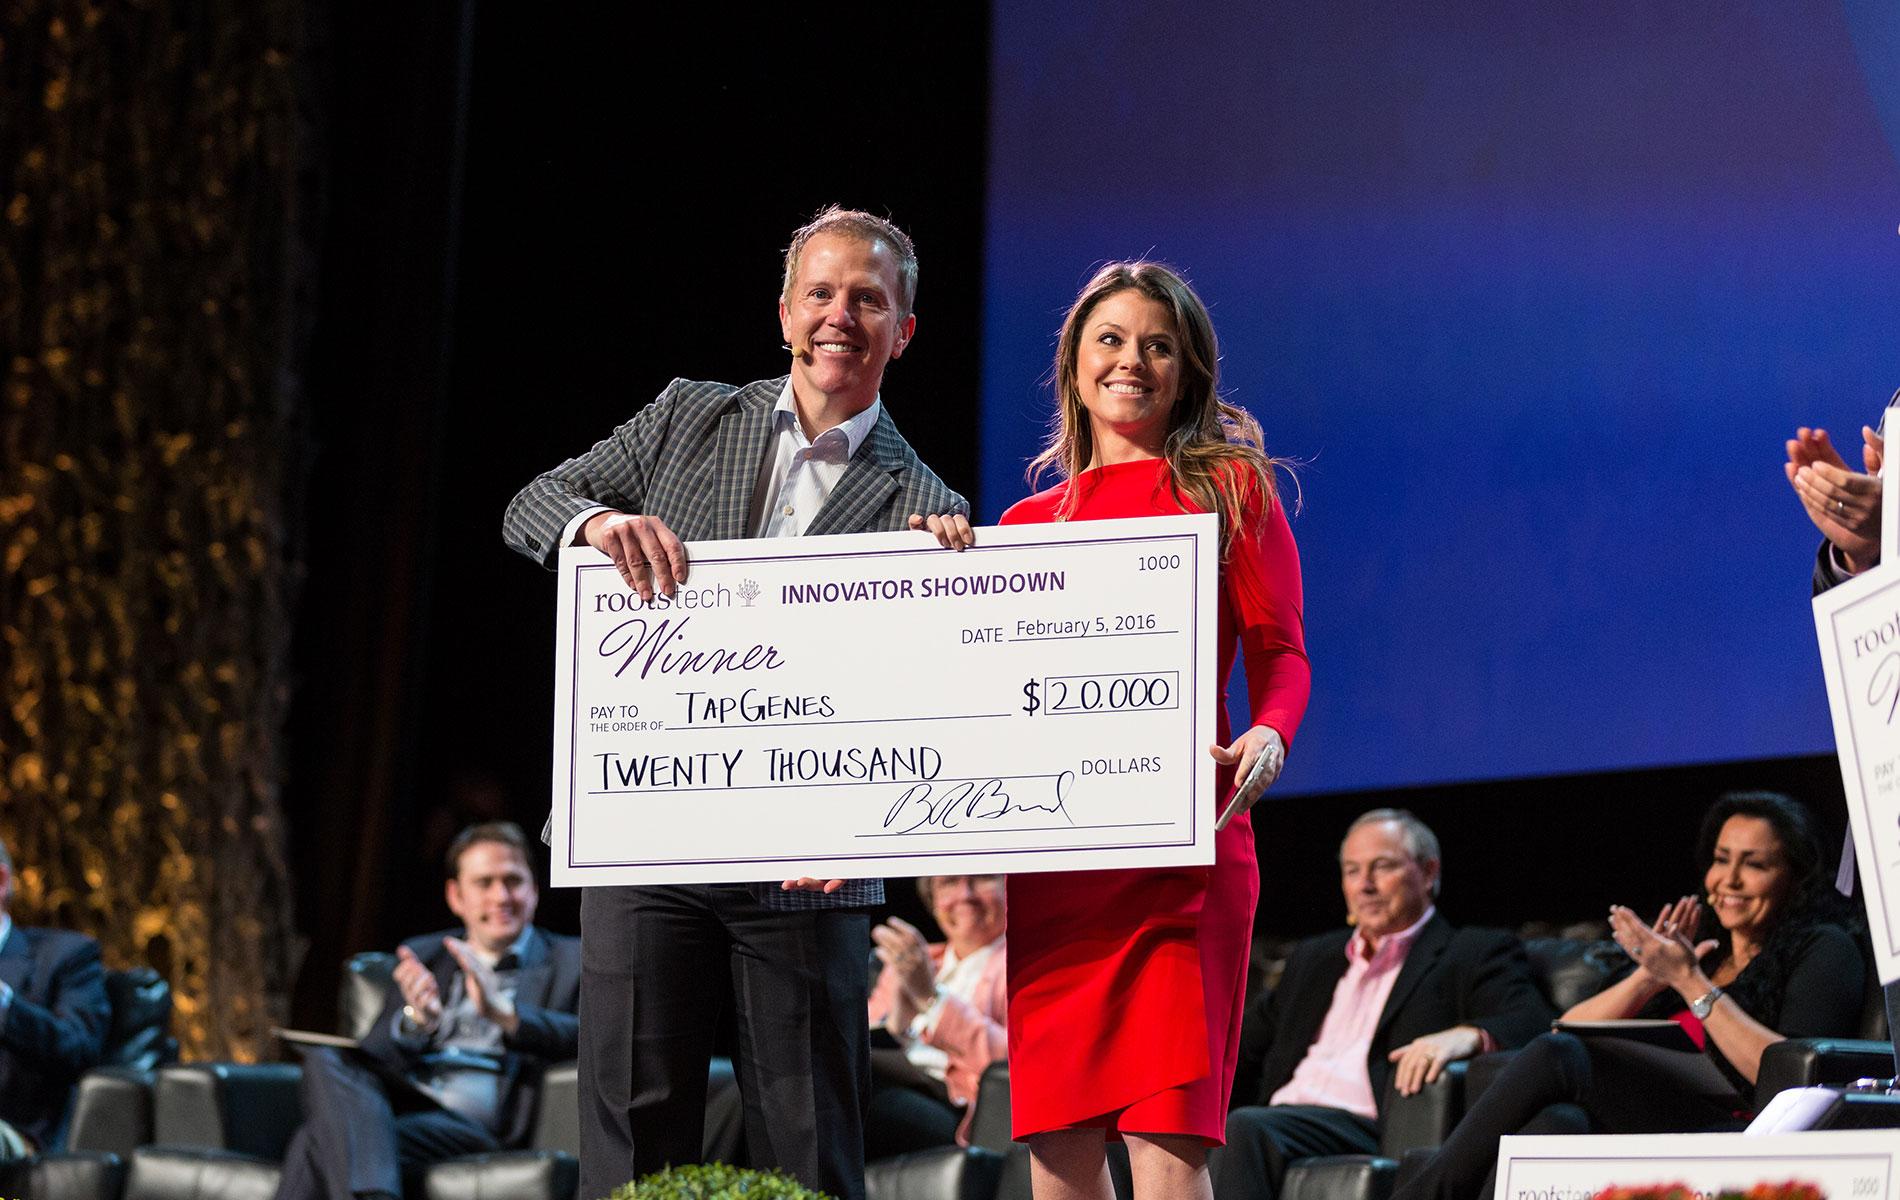 Prize awarded to Innovator Showdown winner